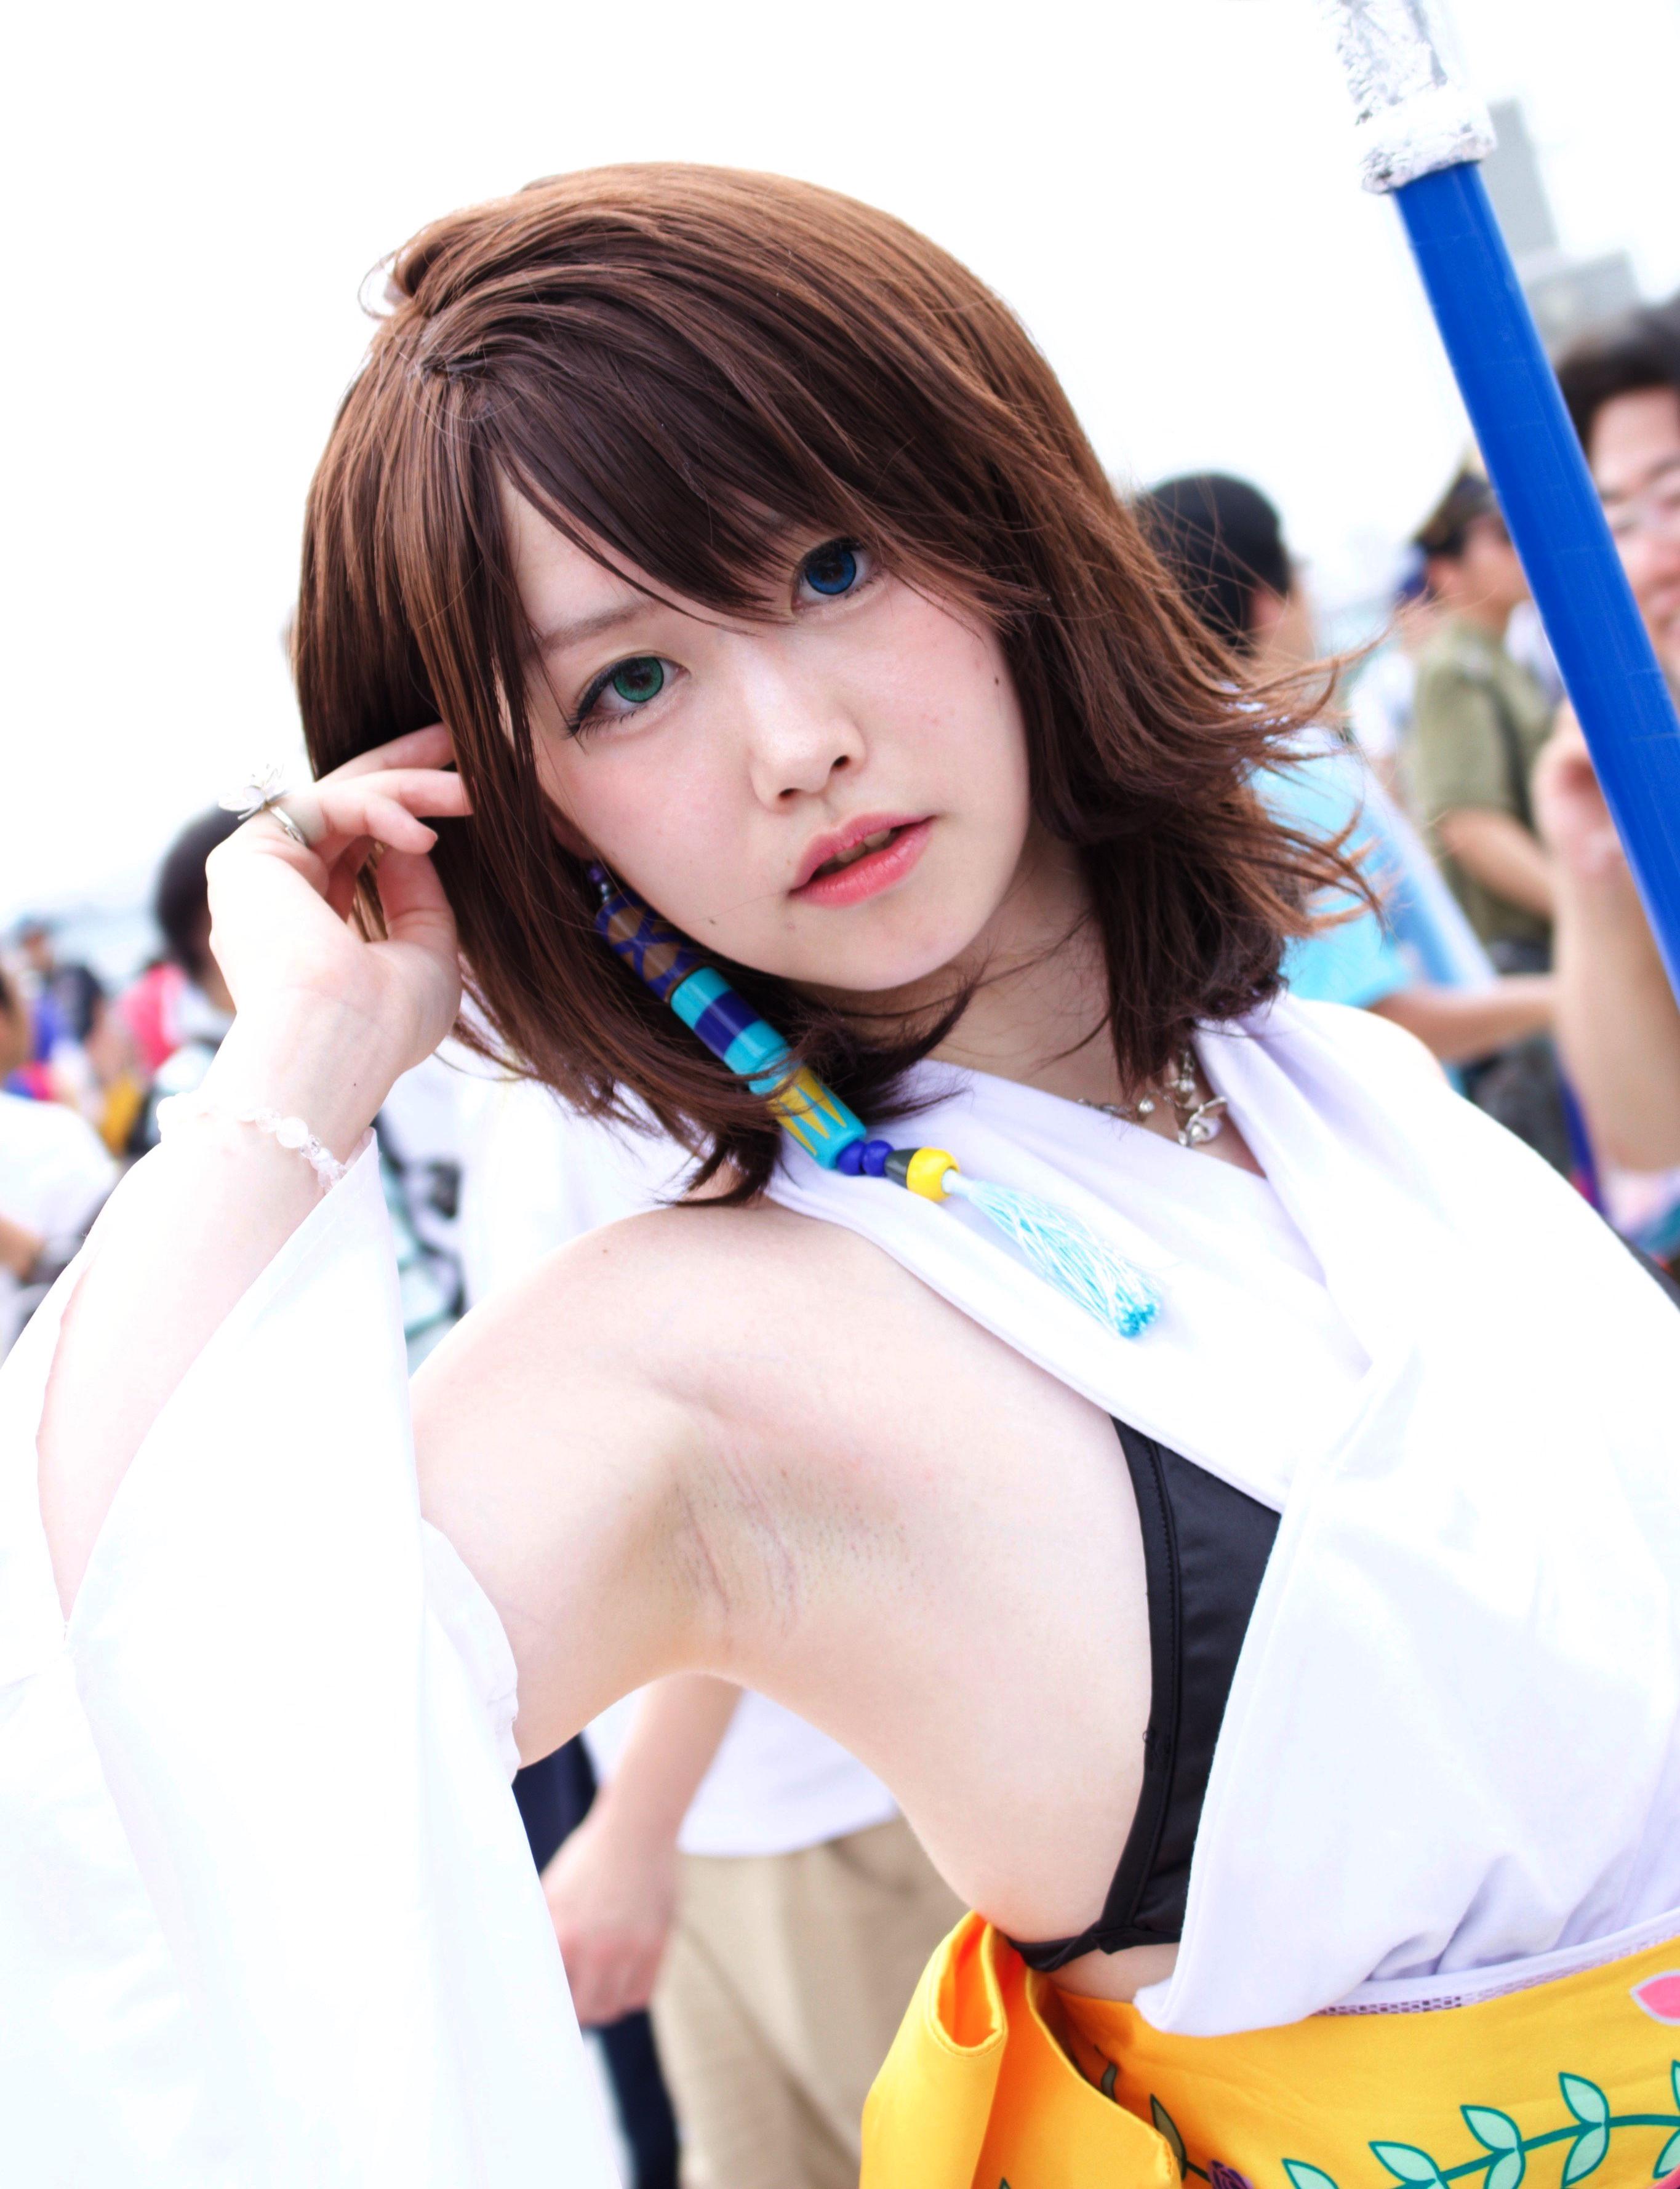 美少女レイヤーの生ジョリ腋 (1)